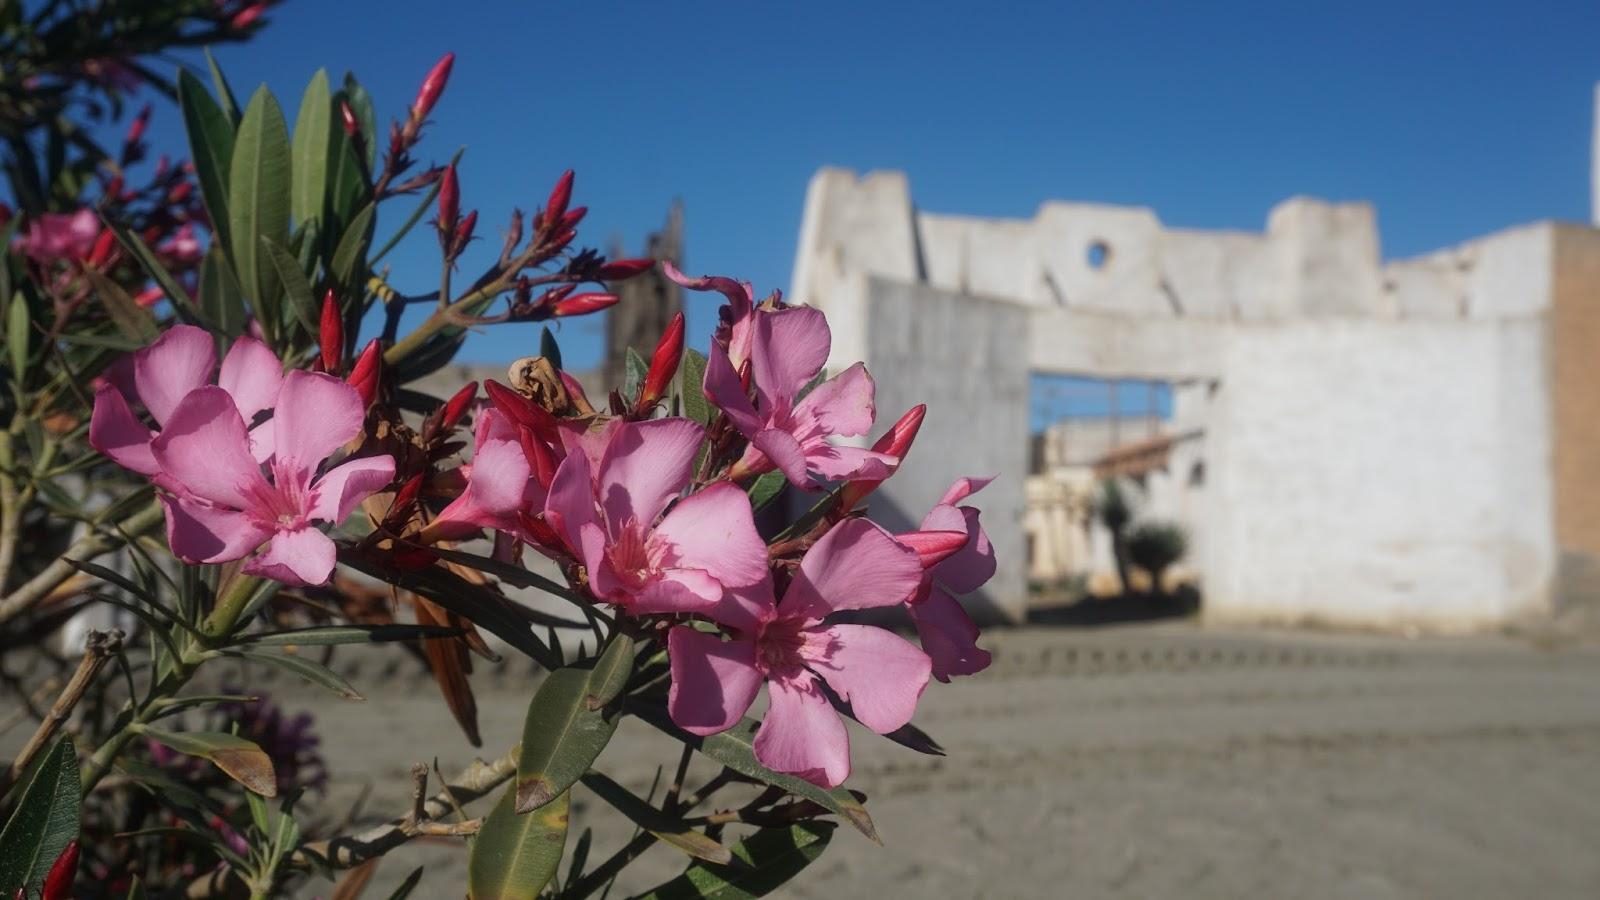 Texas Hollywood, Fort Bravo, Oasys, Hiszpania, południowa Hiszpania